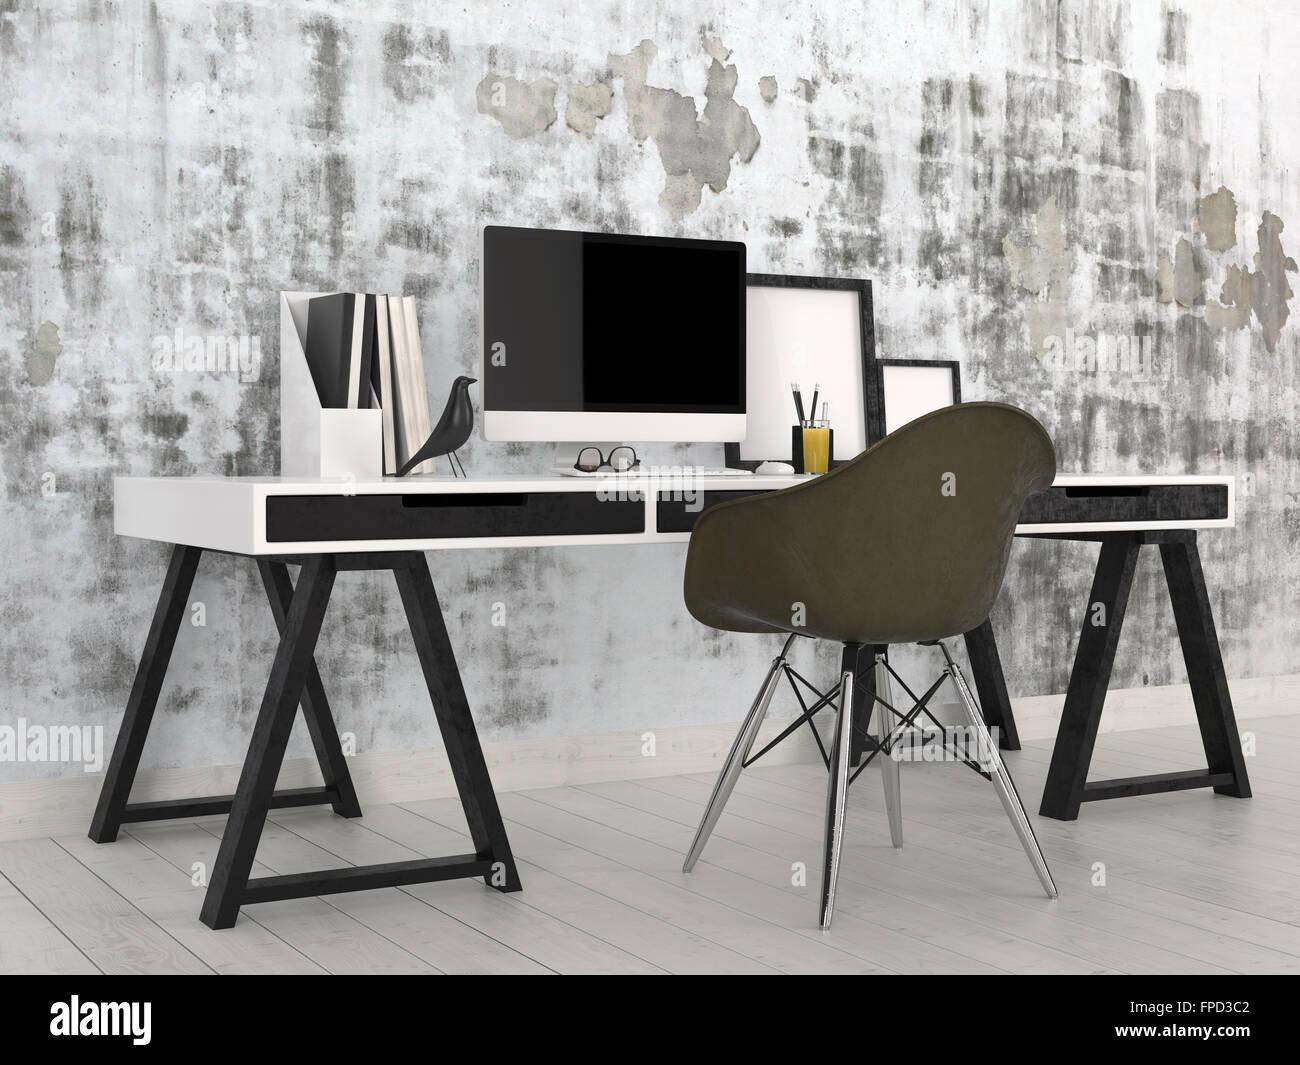 Bureau maison chaise patron société rotation tabouret noir gris